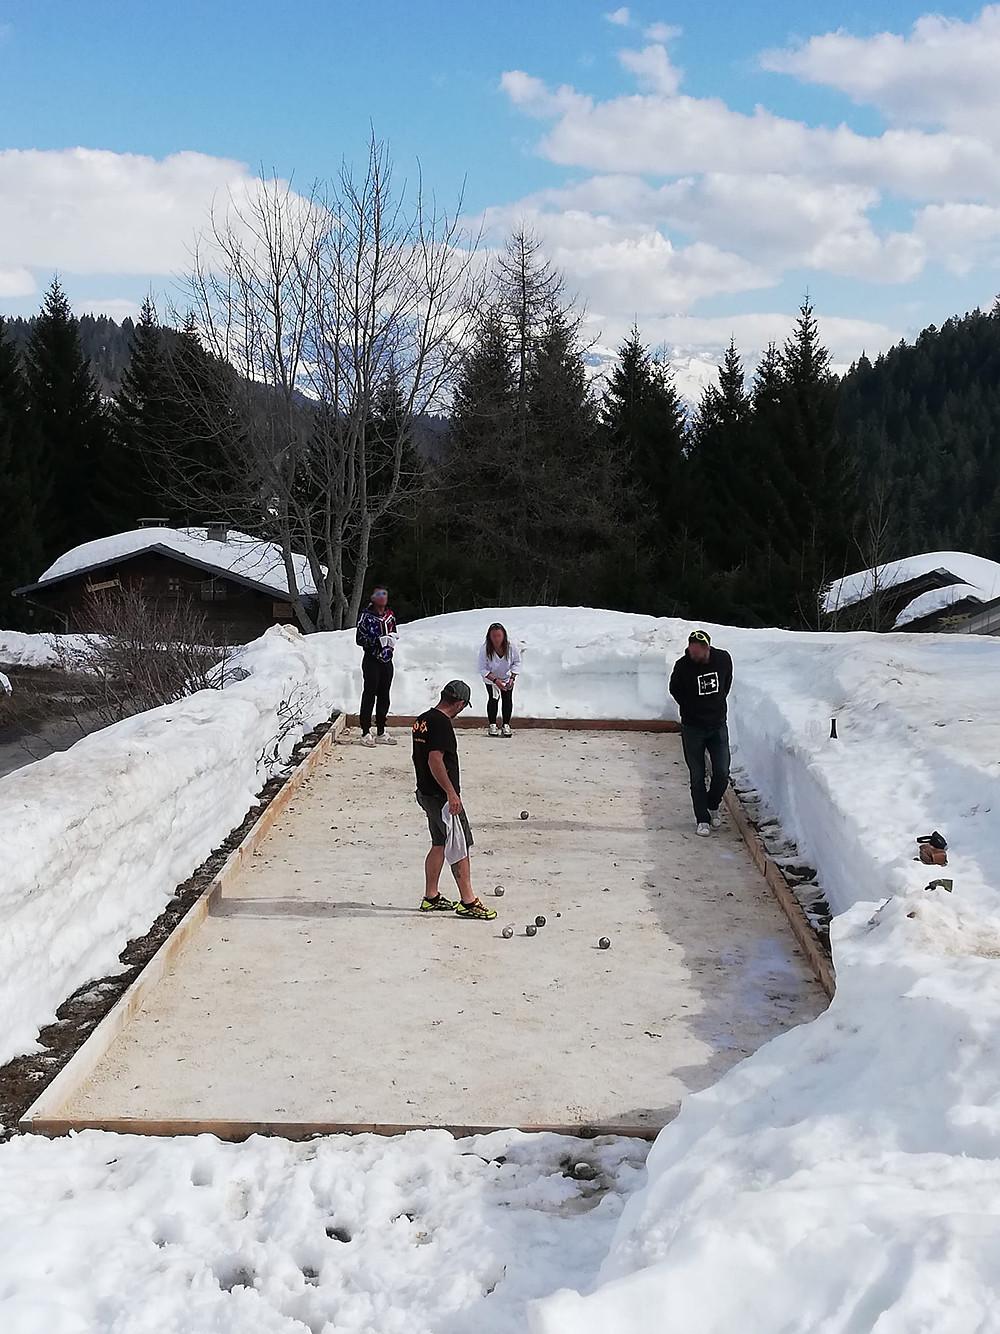 La fonte de la neige n'est pas totale au Praz de Lys mais à l'hôtel du Taconet ce sera bientôt possible de pointer ou de tirer !